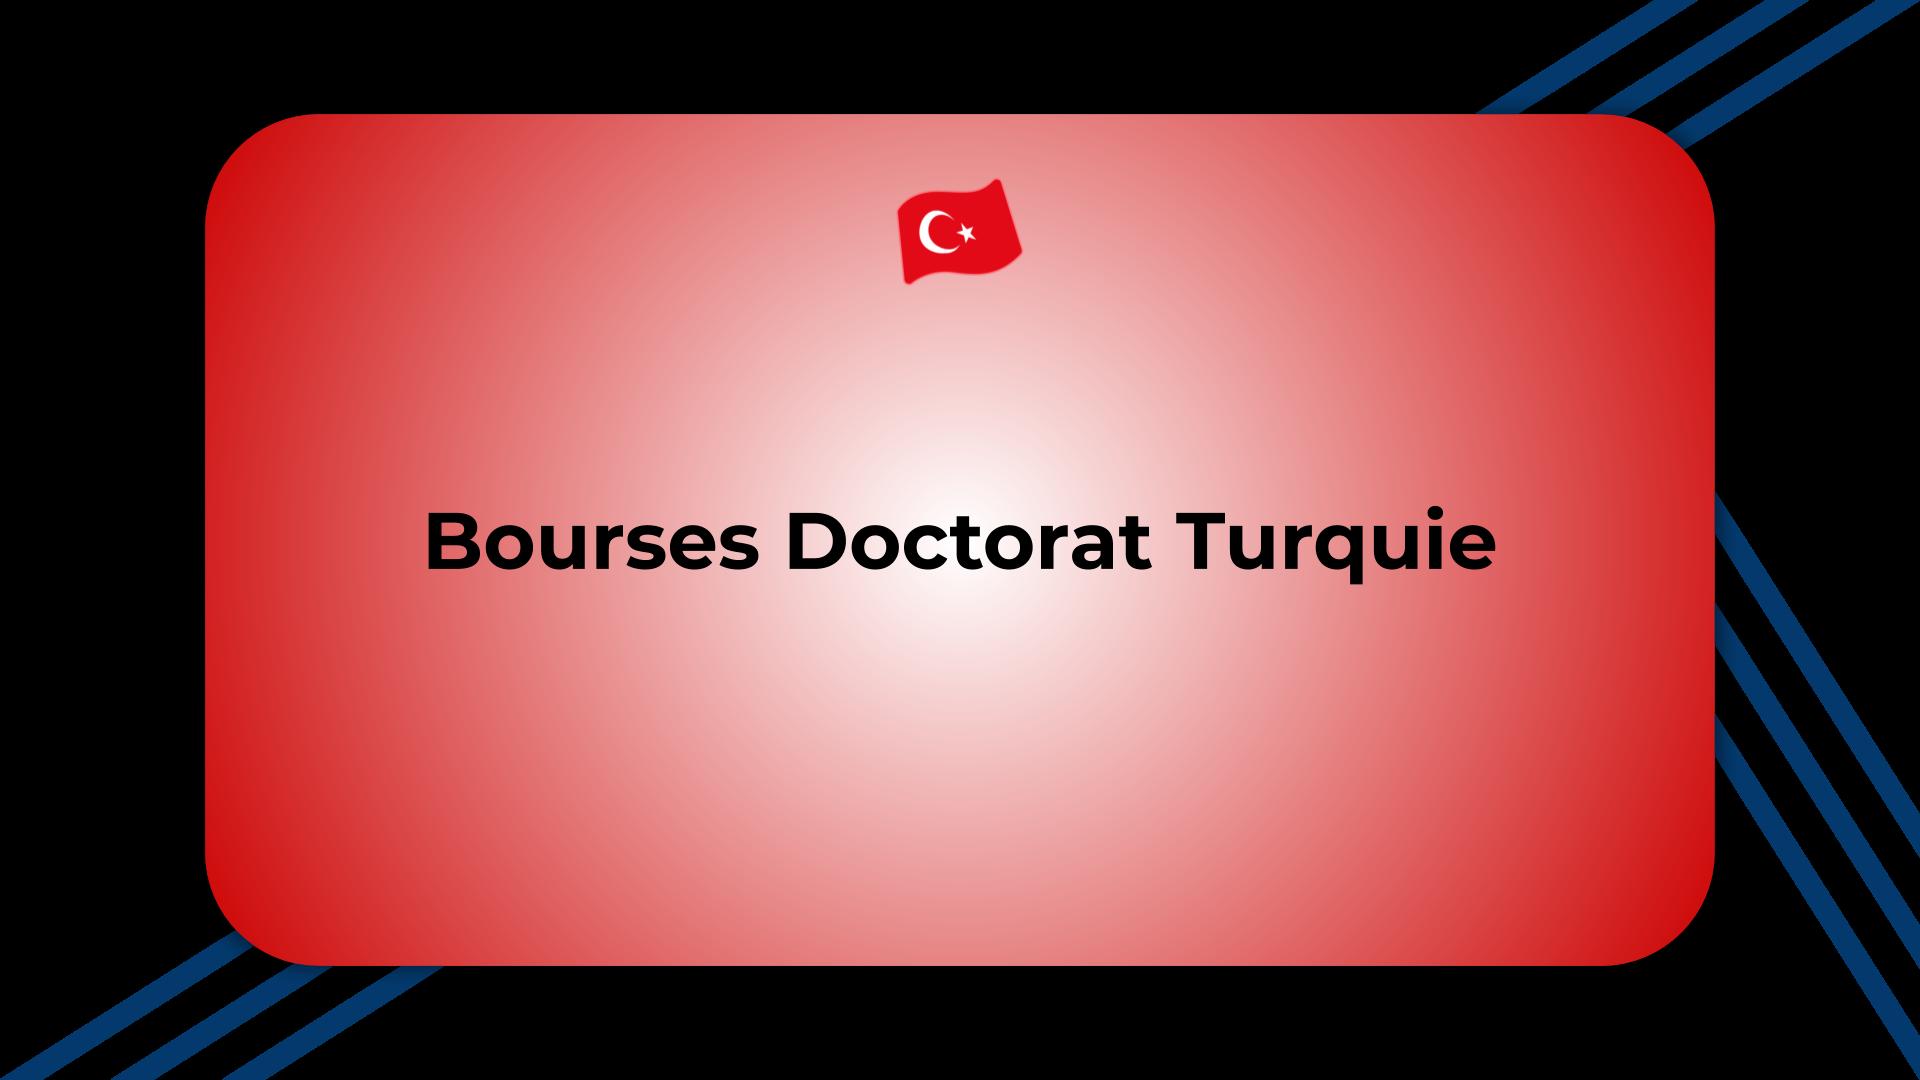 Bourses Doctorat Turquie